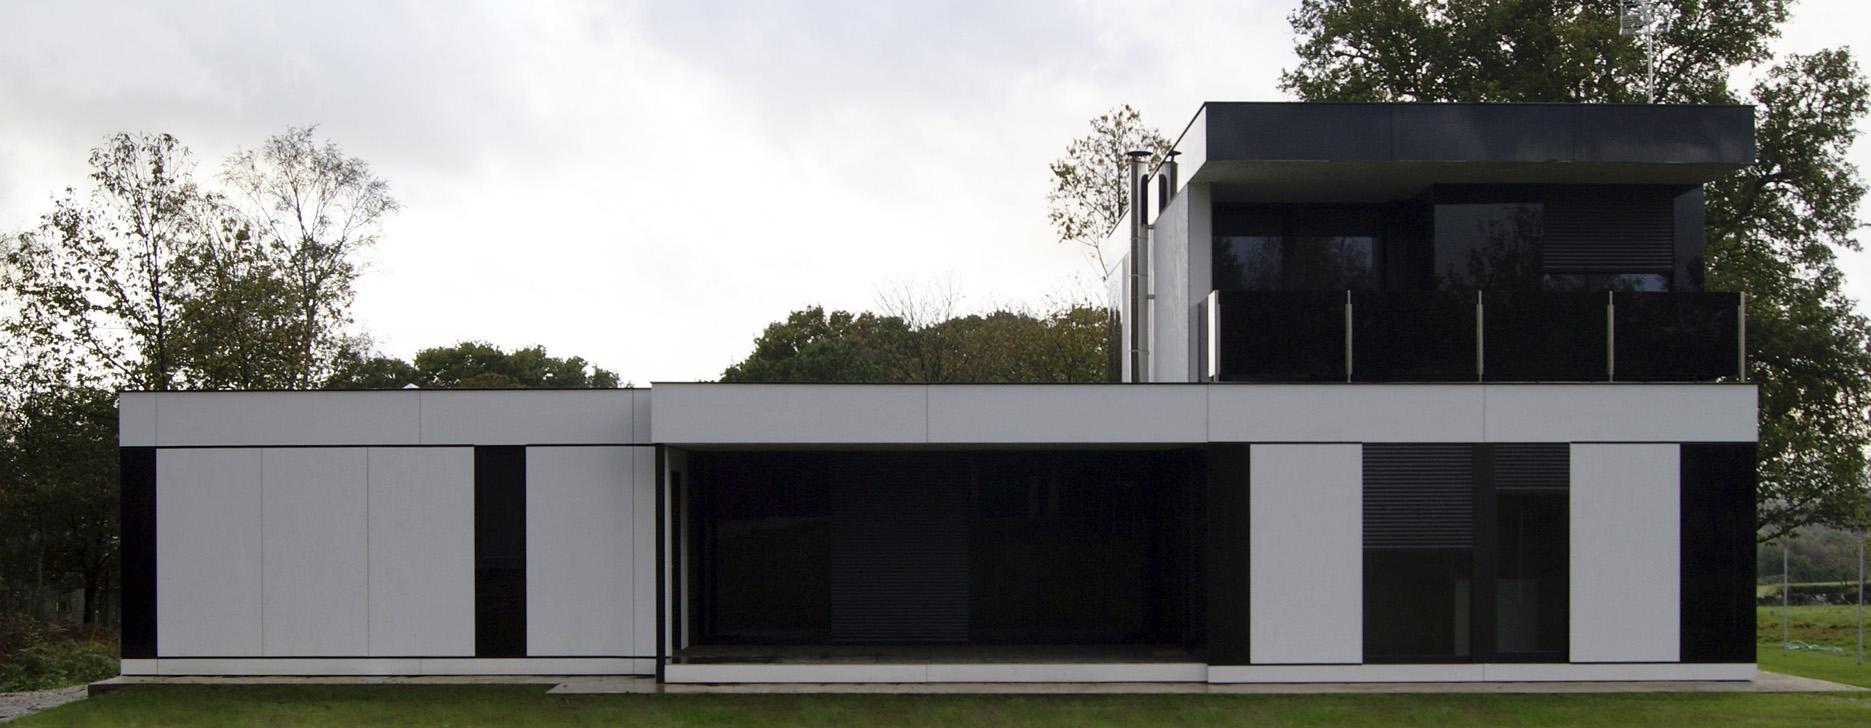 Dise o modular casas modulares de dise o for Casa de diseno en neuquen